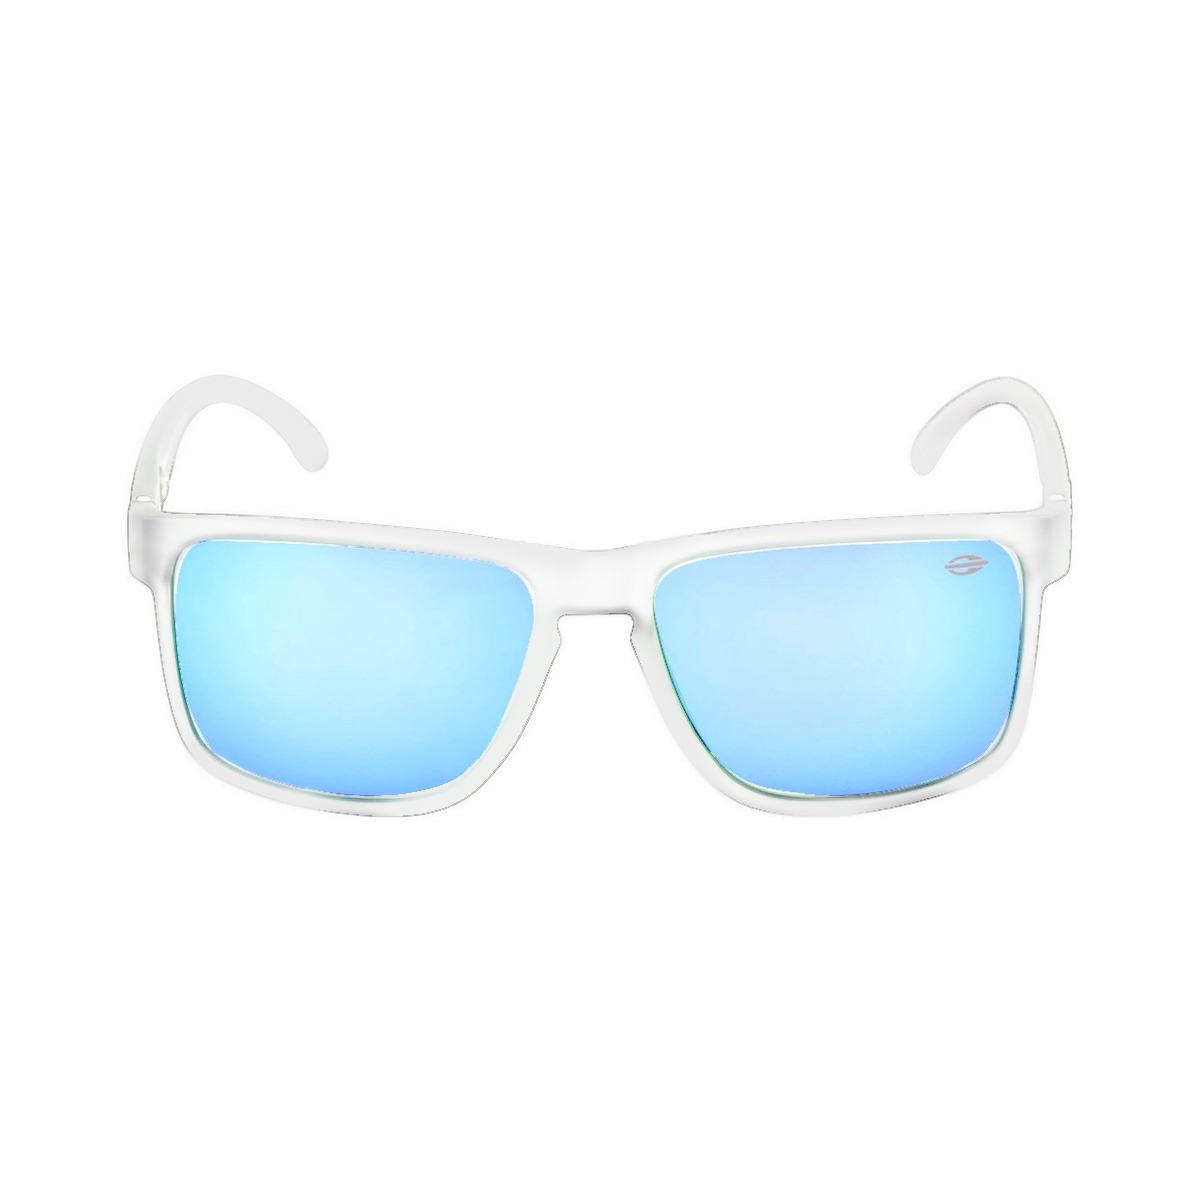 8321e3a96 Óculos Mormaii Monterey Branco Fosco/lente Azul - R$ 249,90 em ...